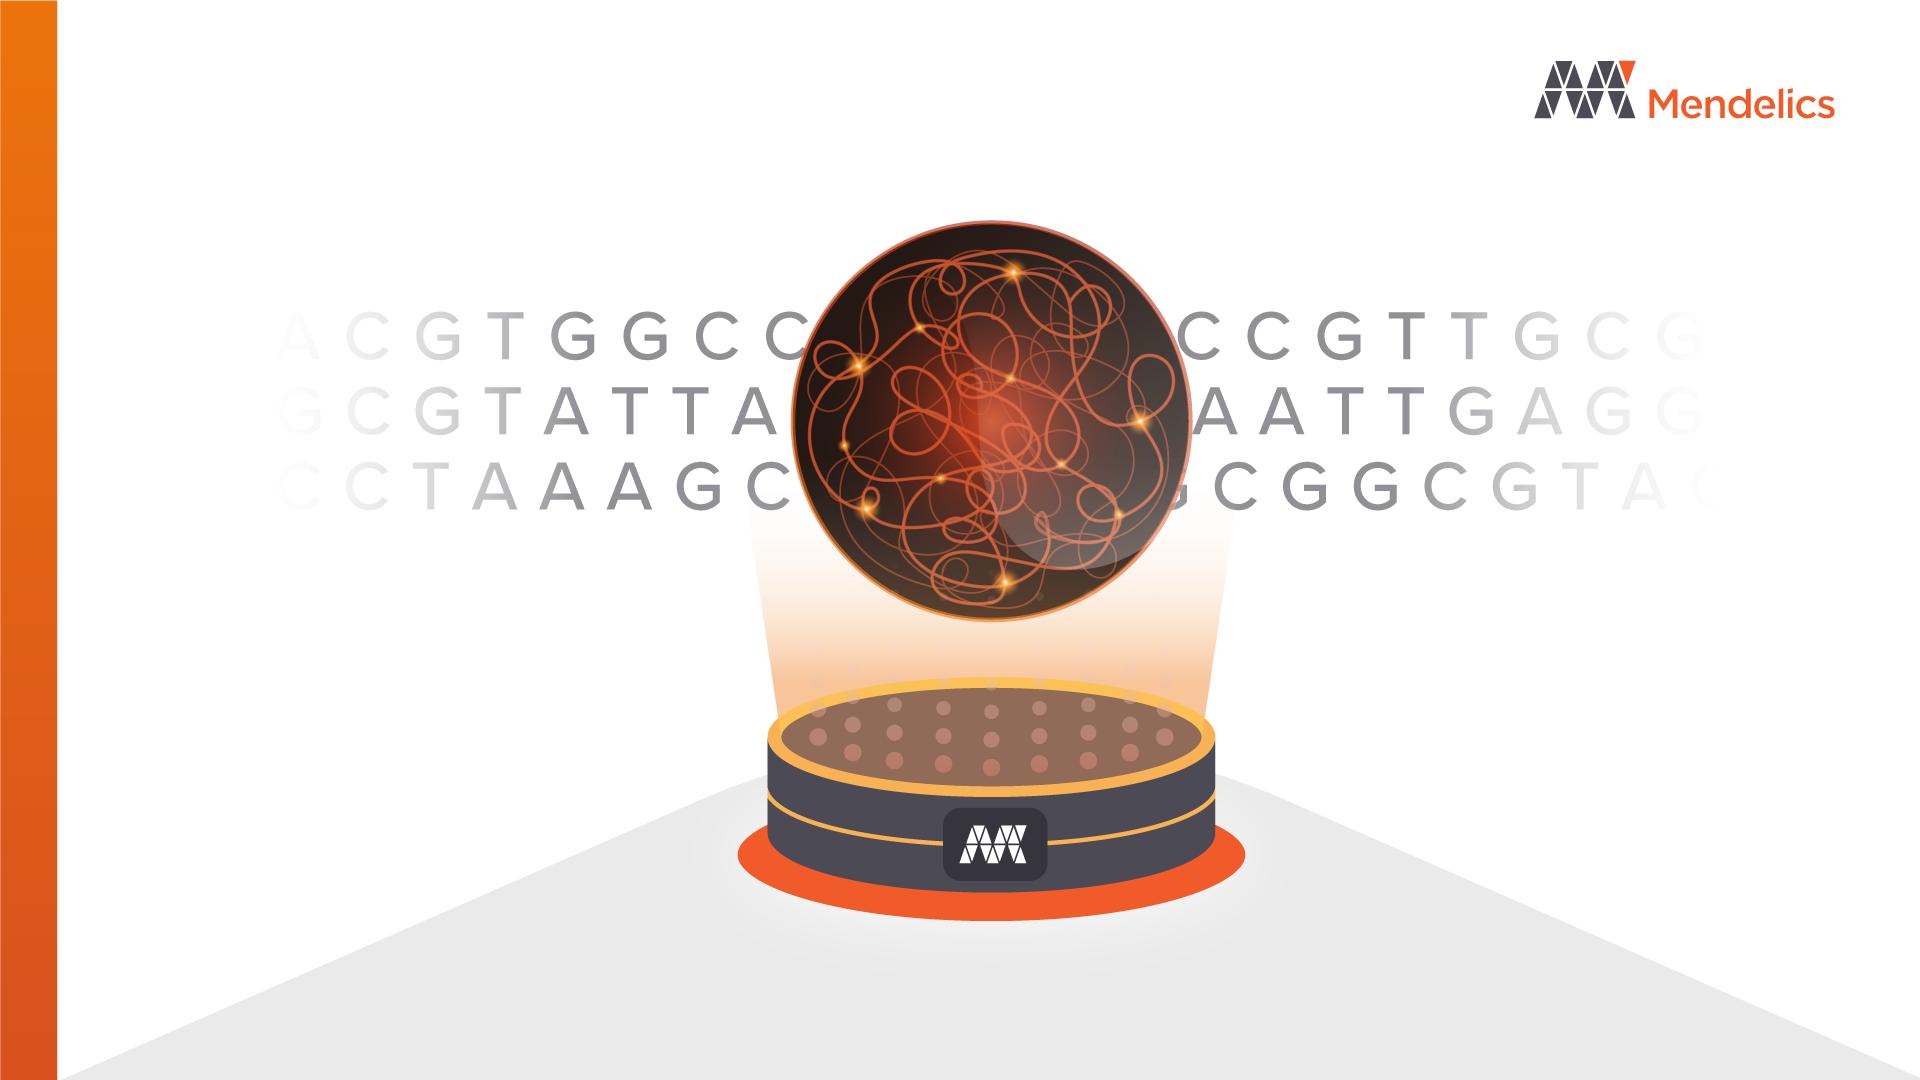 analises genetics analises genomicas